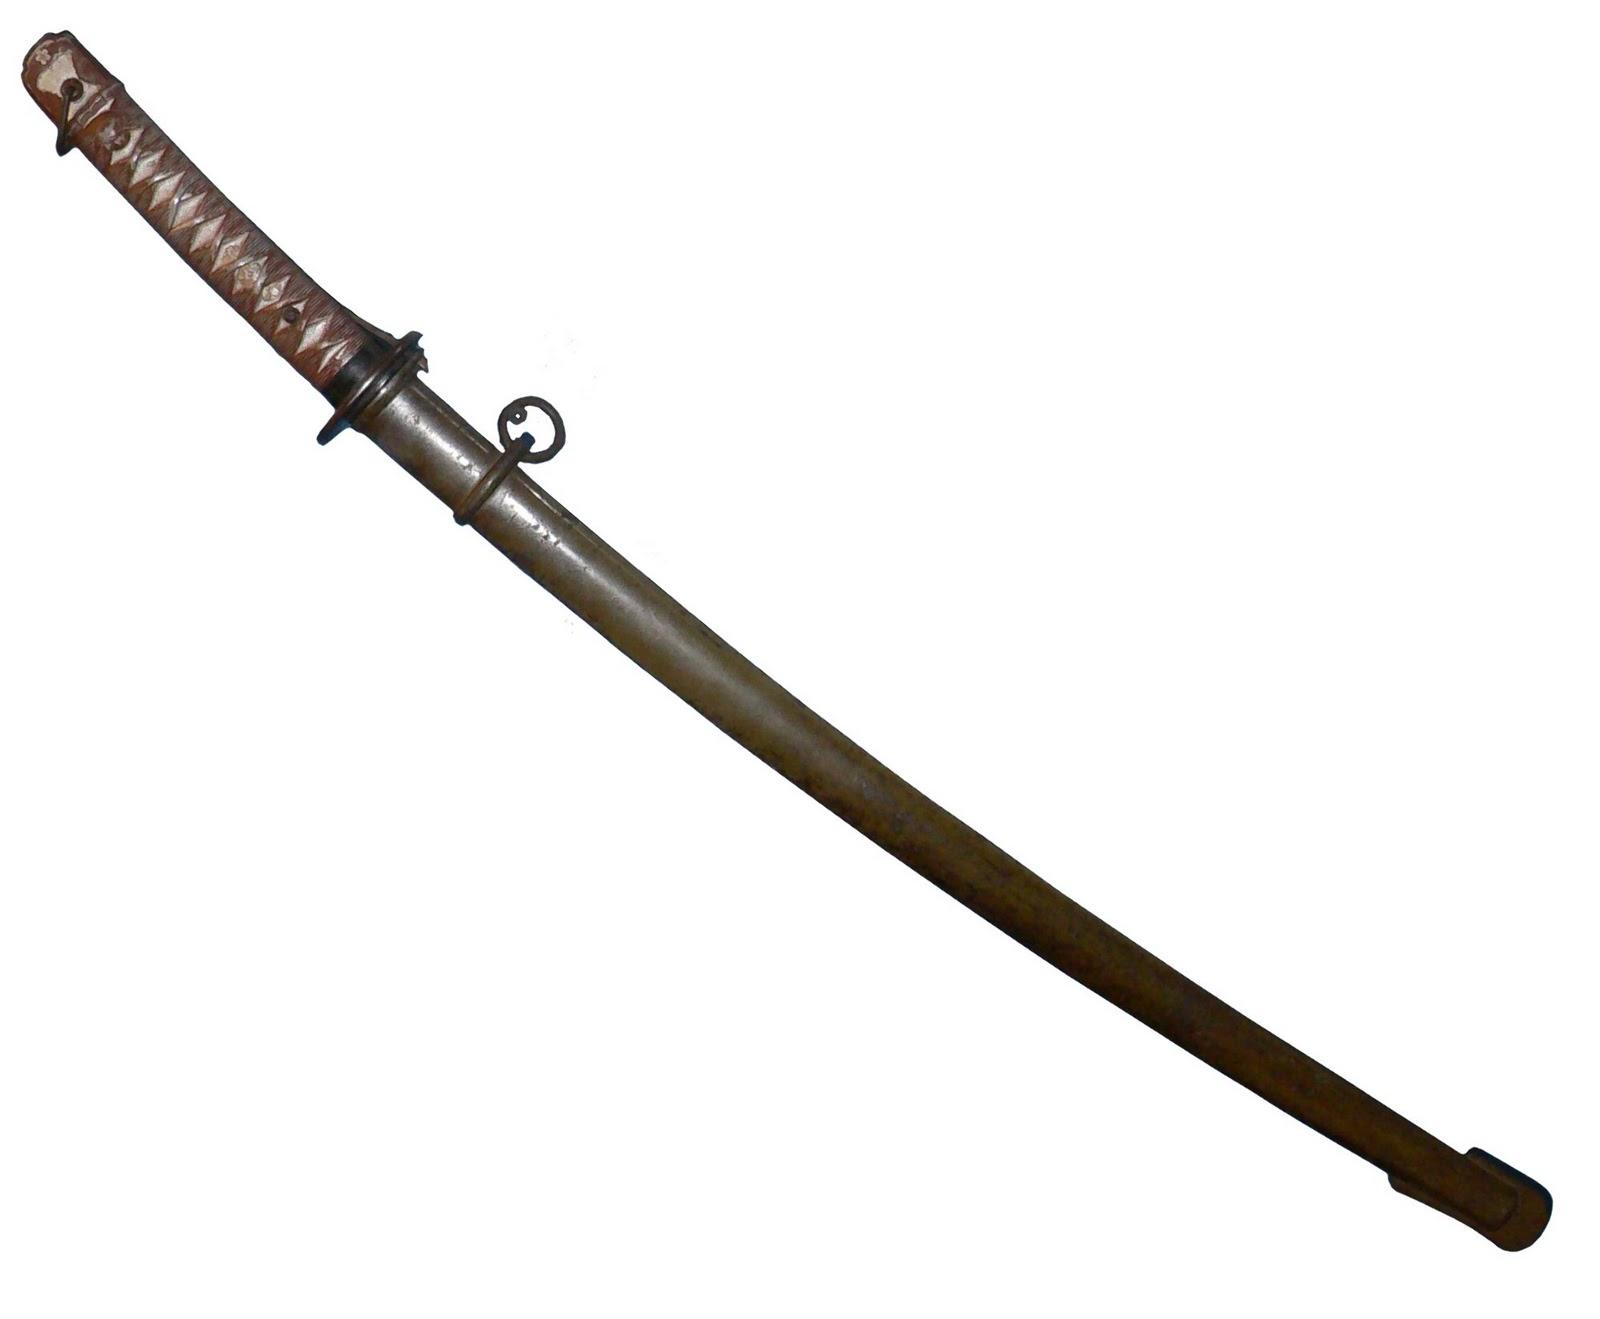 Neko Random: A Look Into History: The Katana